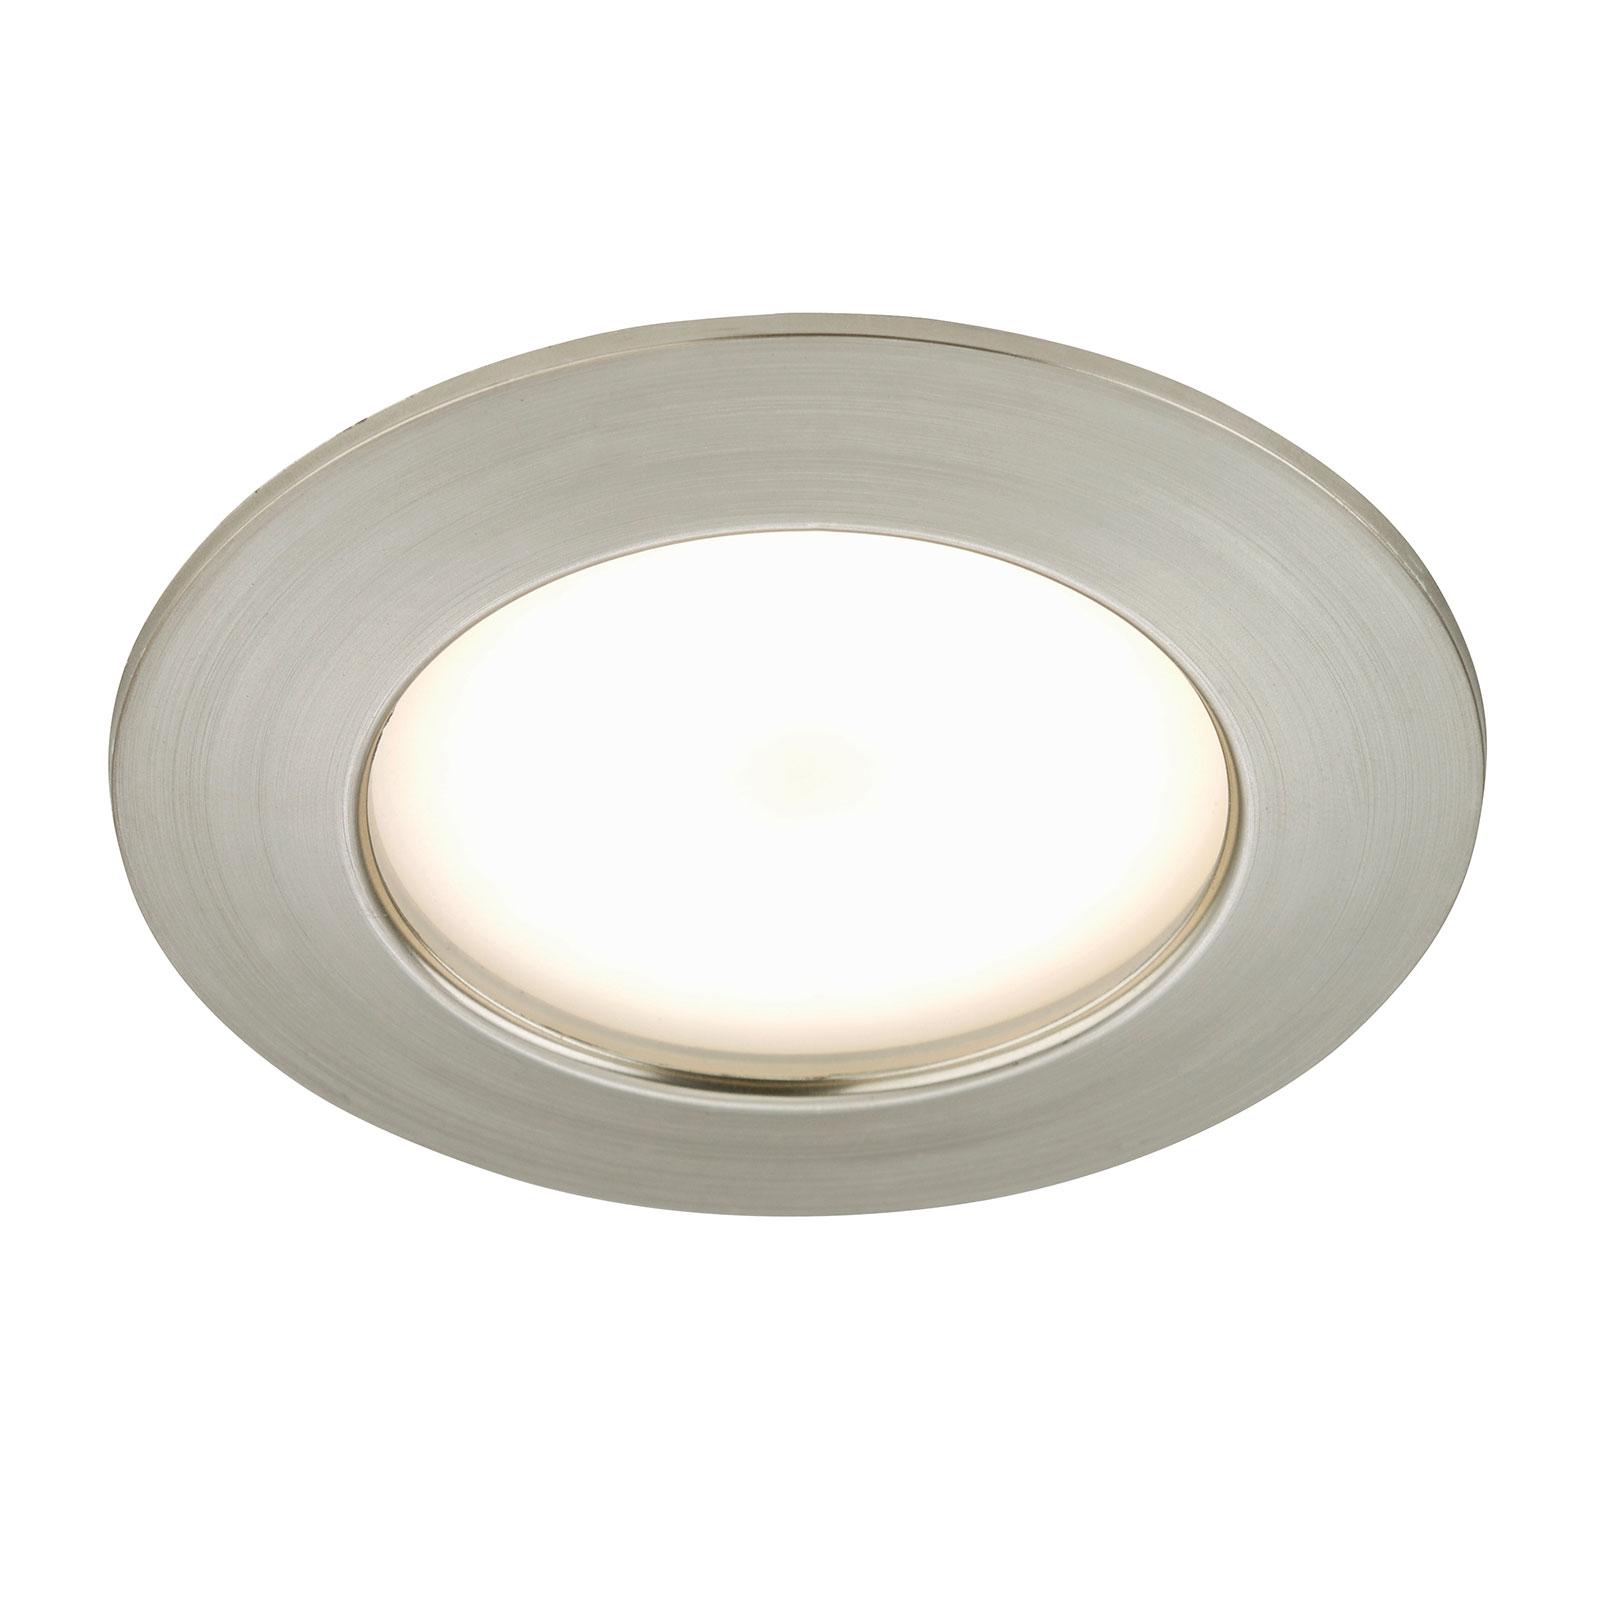 Carl - LED recessed light, outdoor, matt nickel_1510337_1